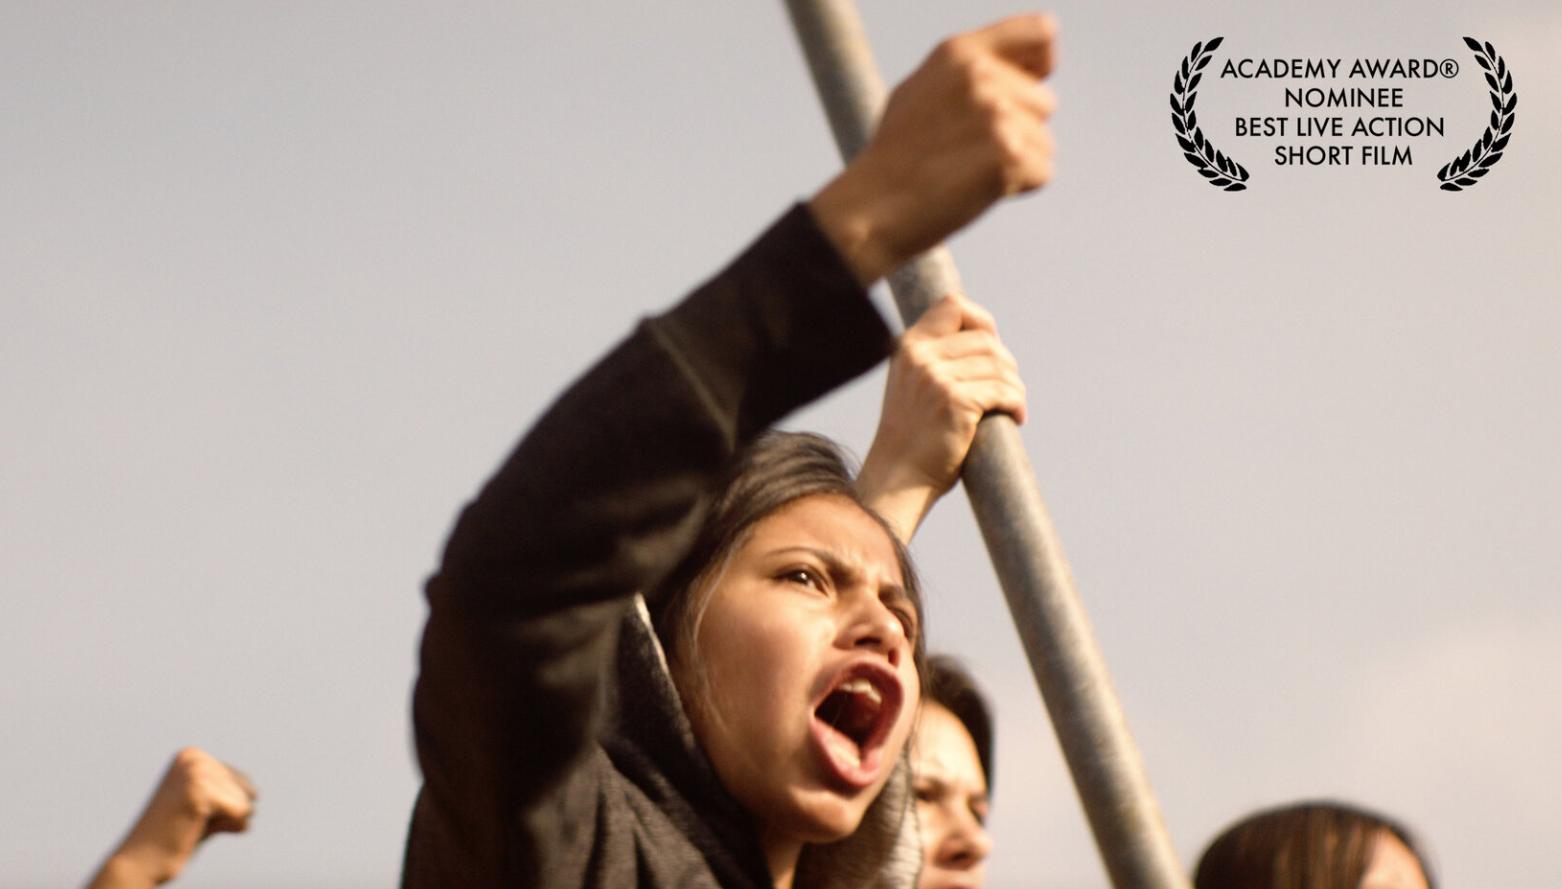 Cortometraje sobre Hogar Seguro Virgen de la Asunción nominado al Oscar